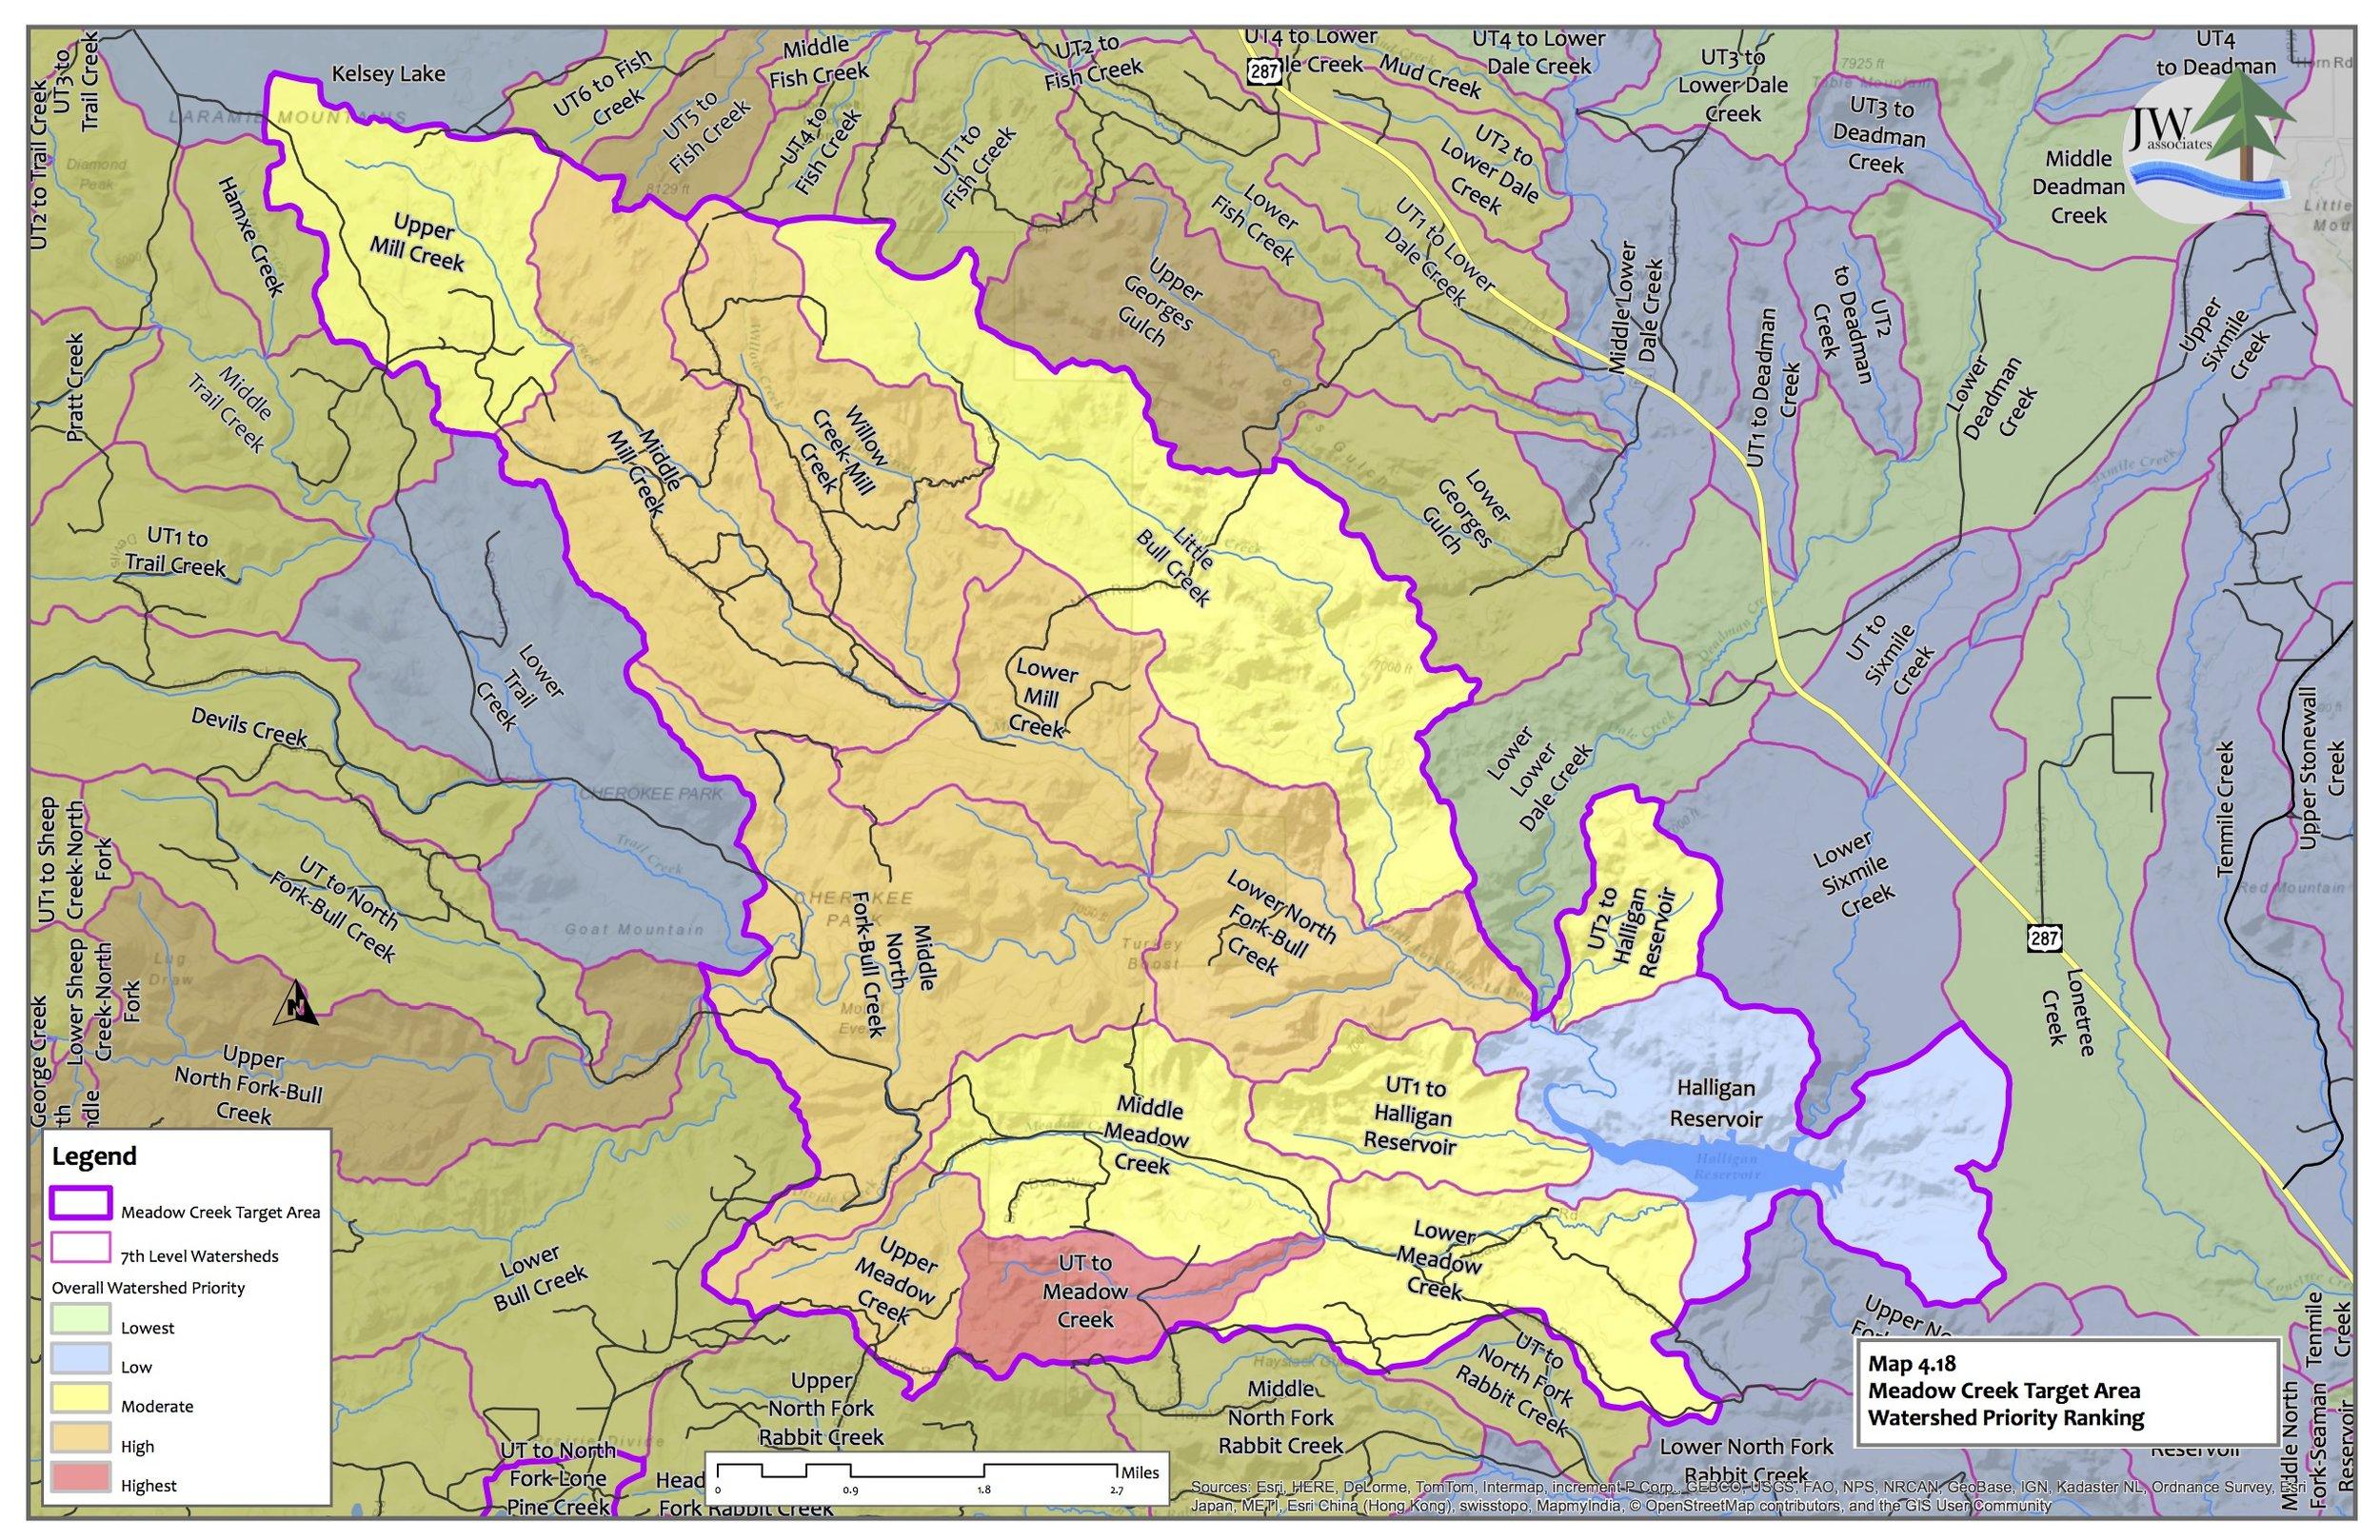 Map 4.18 UP_Meadow_Priority.jpg